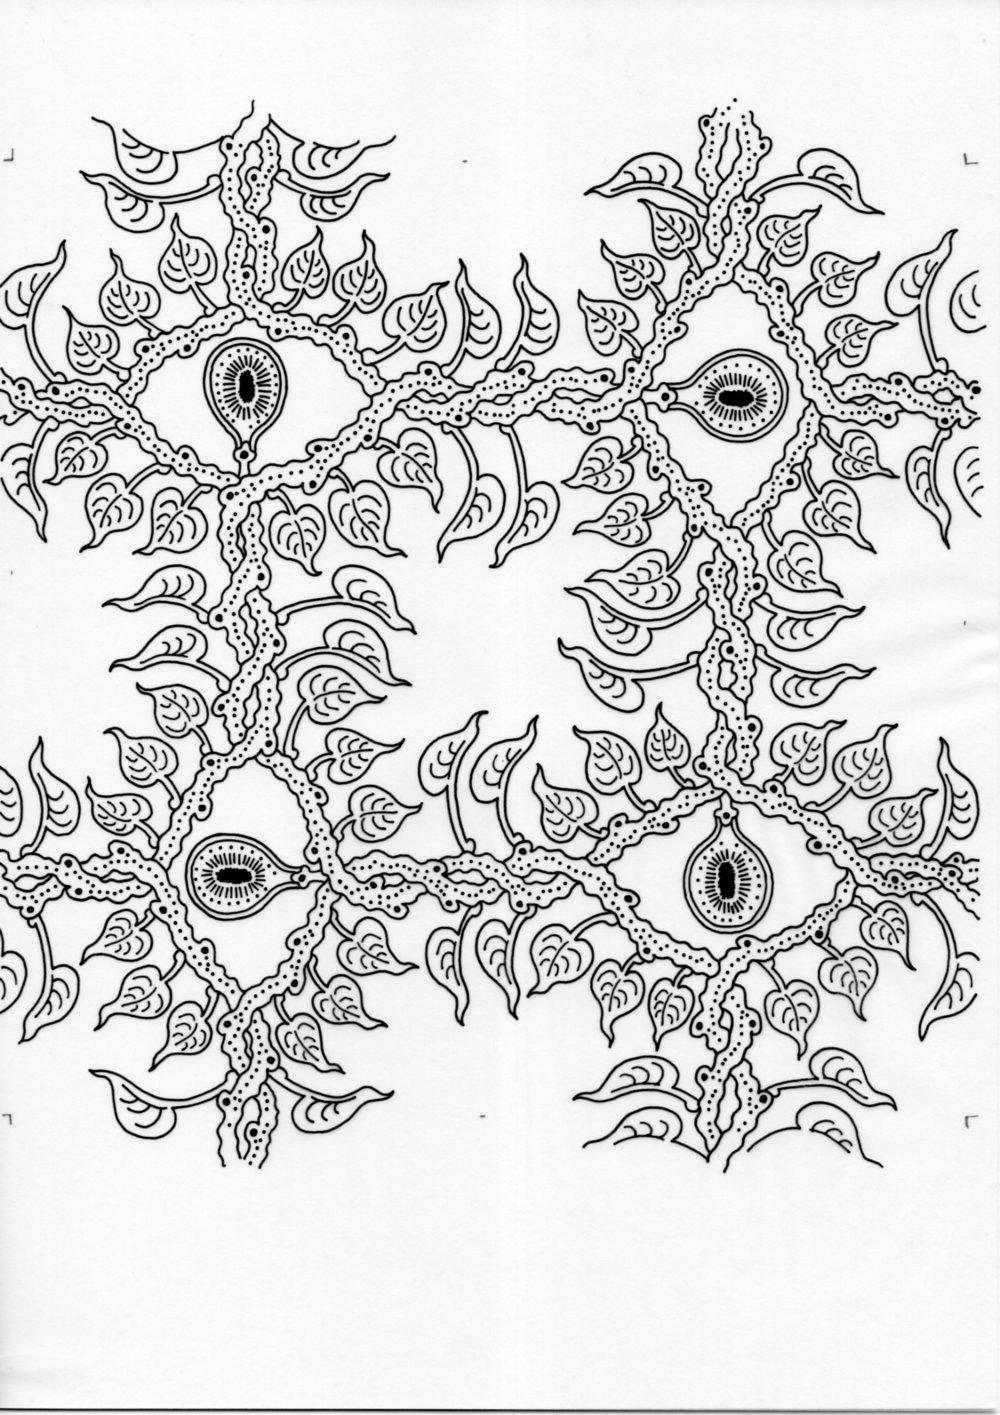 Stranger Bodhi – Inked Drawings